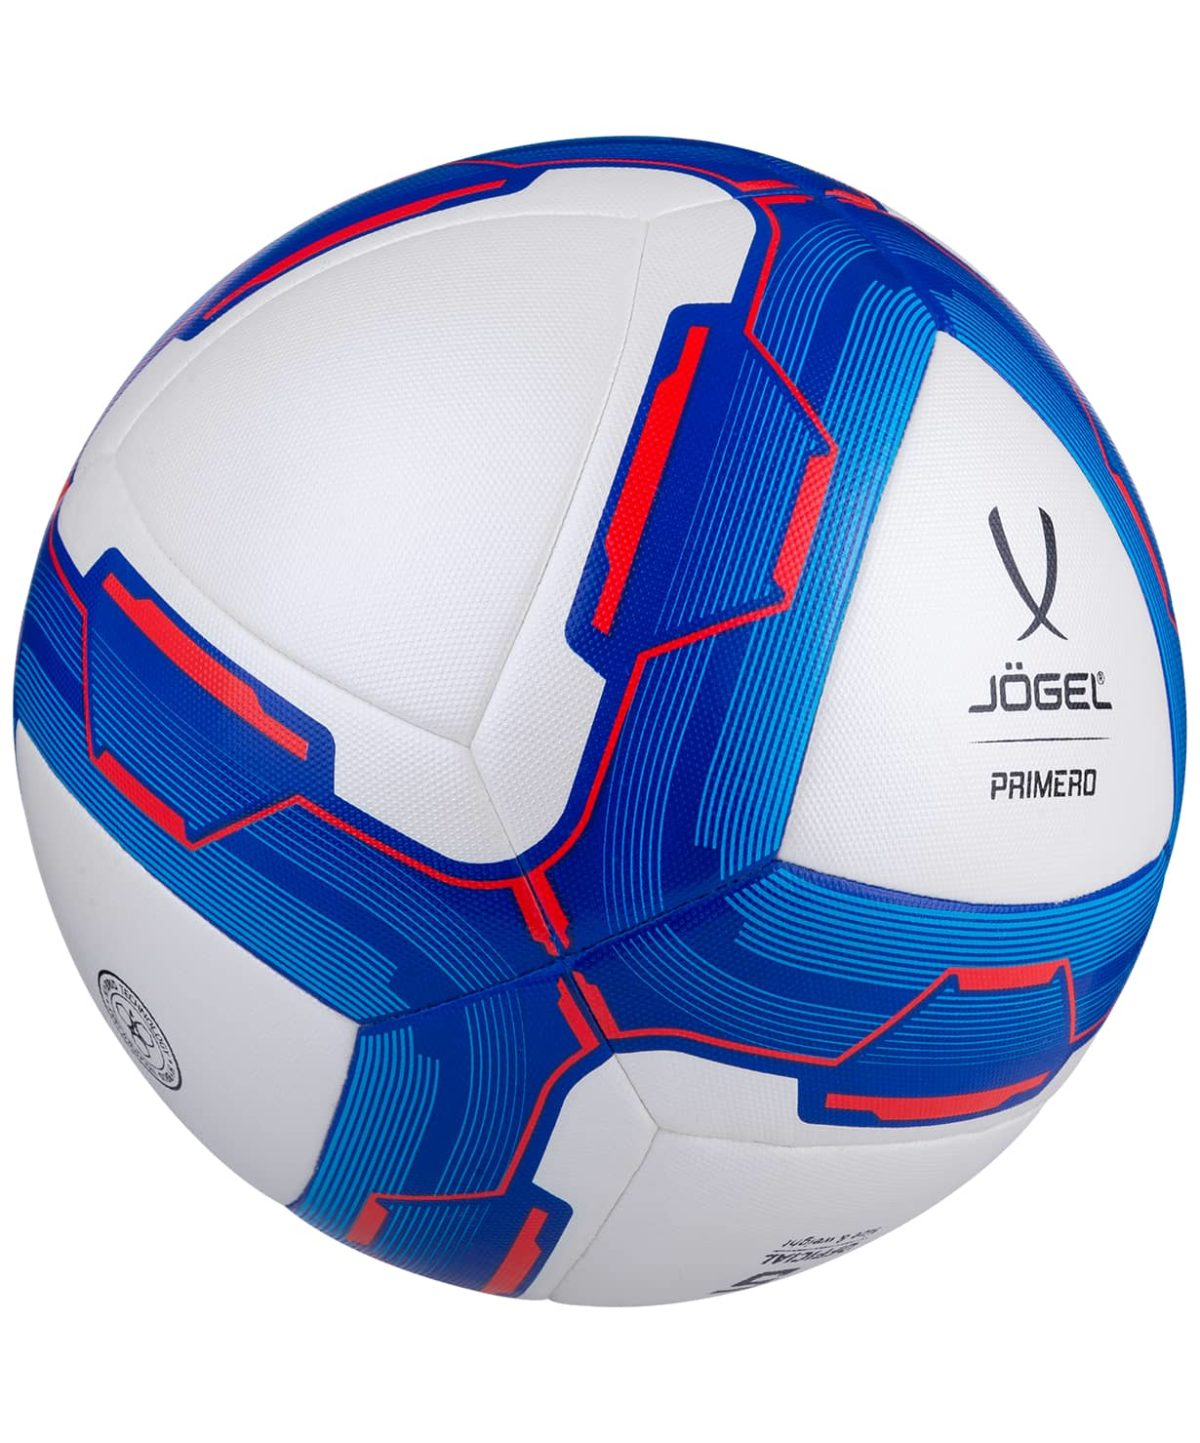 JOGEL Primero Мяч футбольный  Primero №5 (BC20) - 5